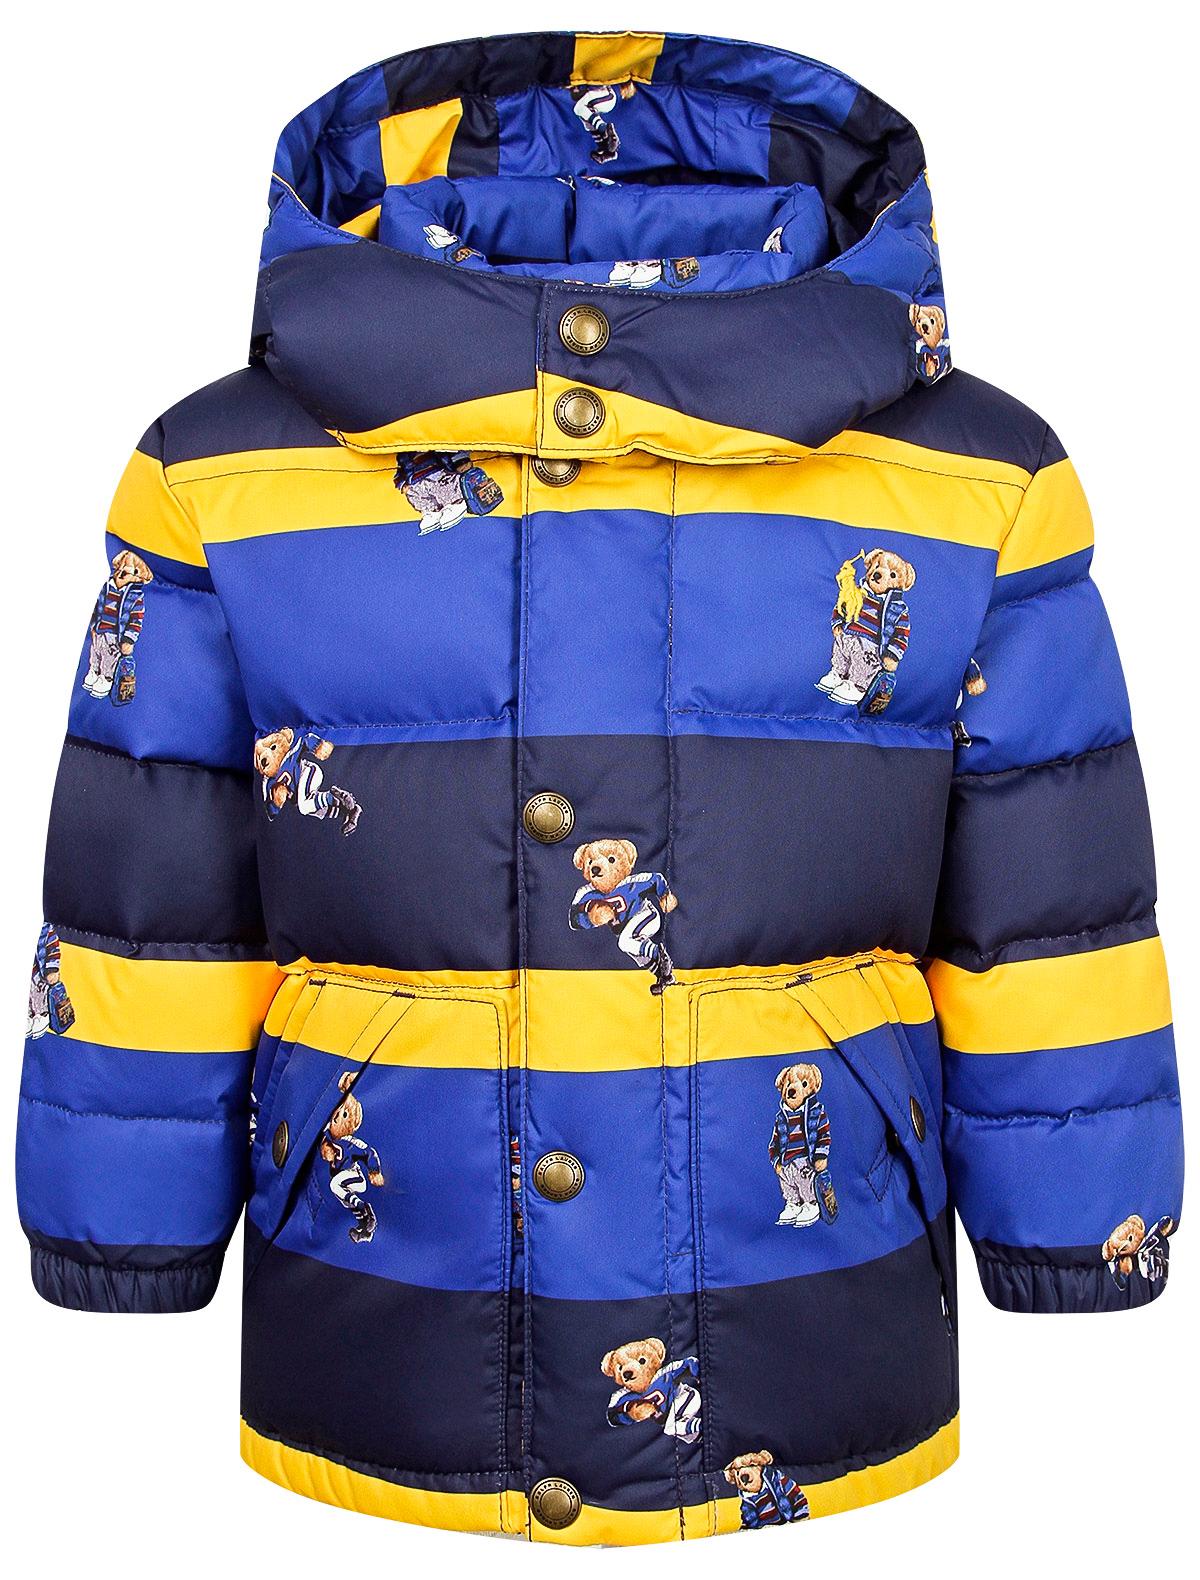 Купить 2236457, Куртка Ralph Lauren, синий, Мужской, 1074519082207